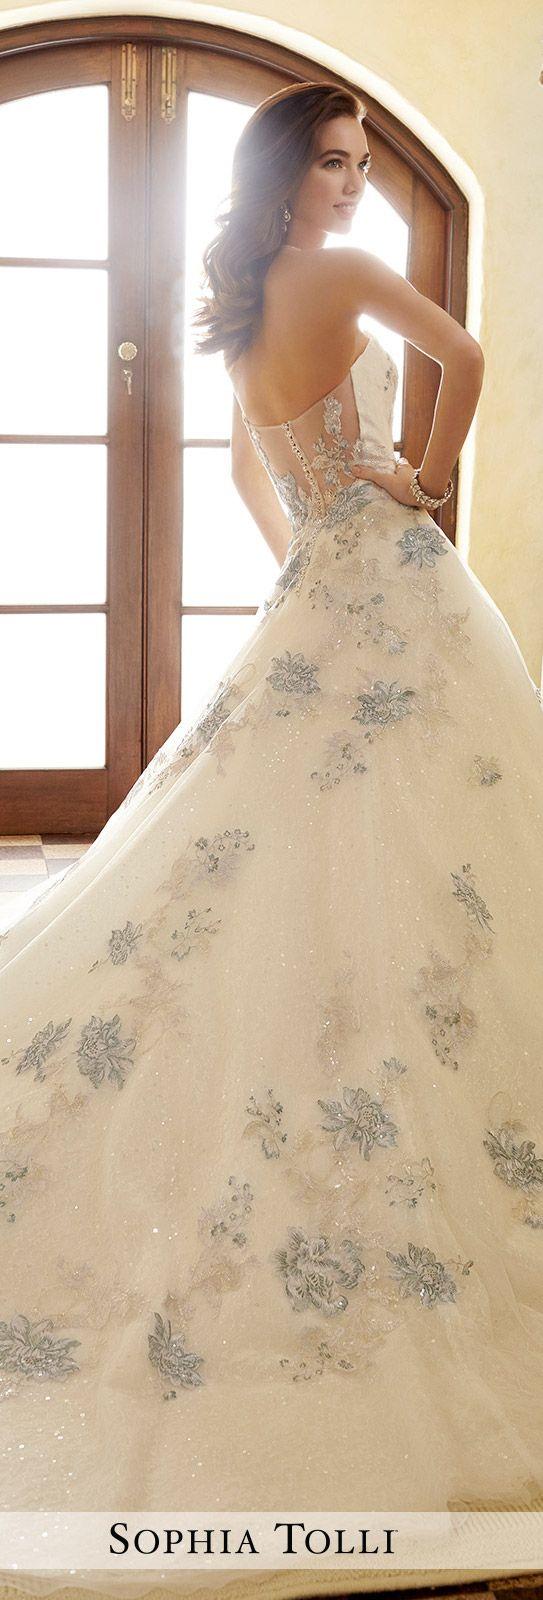 Y rainier wedding dress weddings and wedding